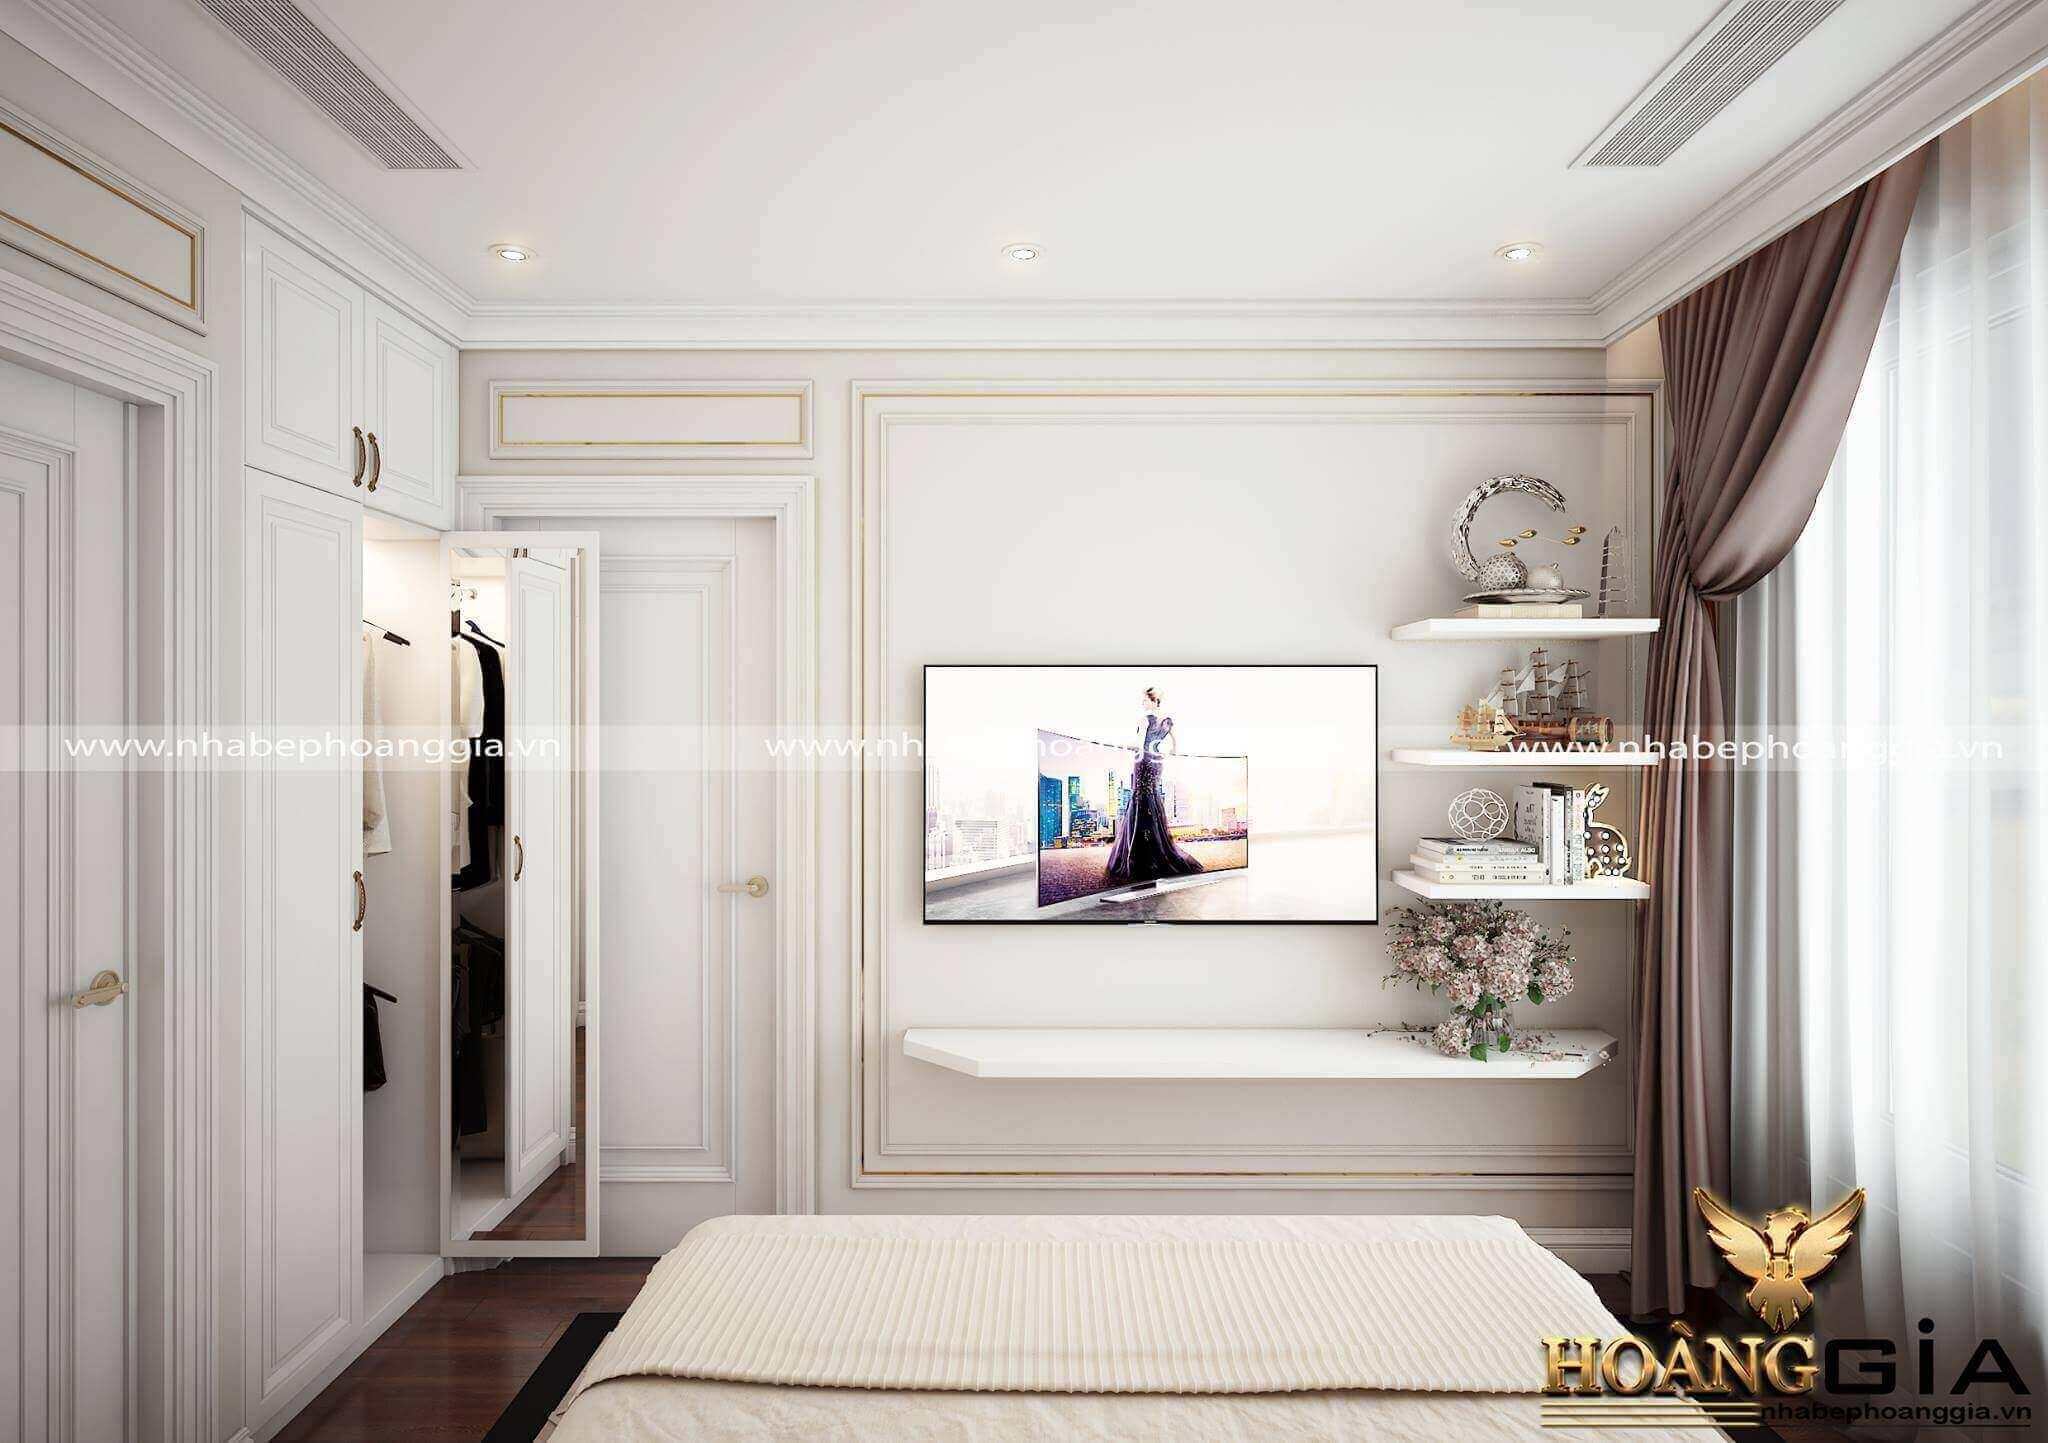 kệ trang trí phòng ngủ đẹp